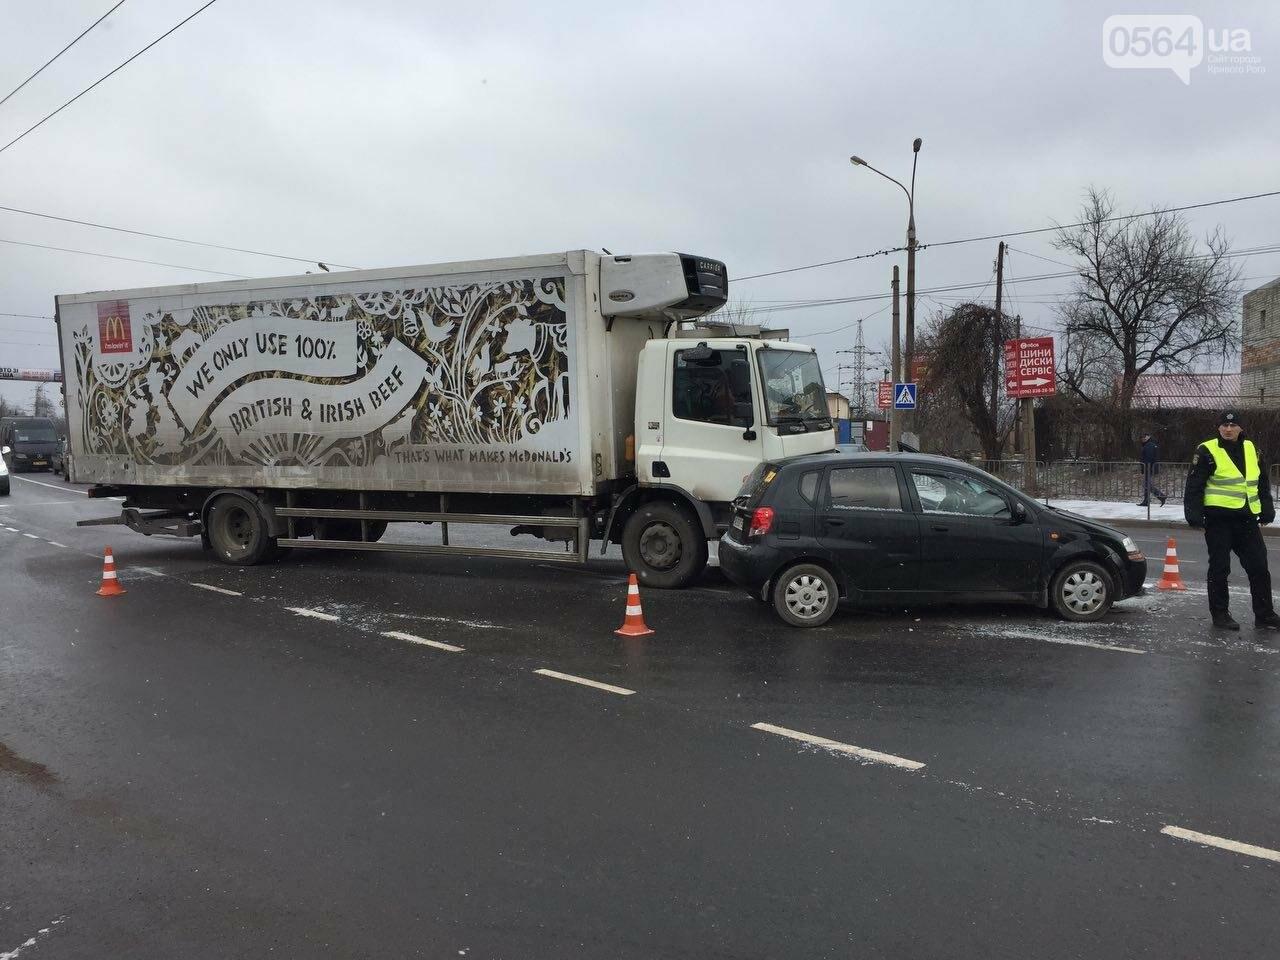 """В Кривом Роге грузовик """"смял"""" легковой автомобиль. Есть пострадавший (ФОТО), фото-1"""